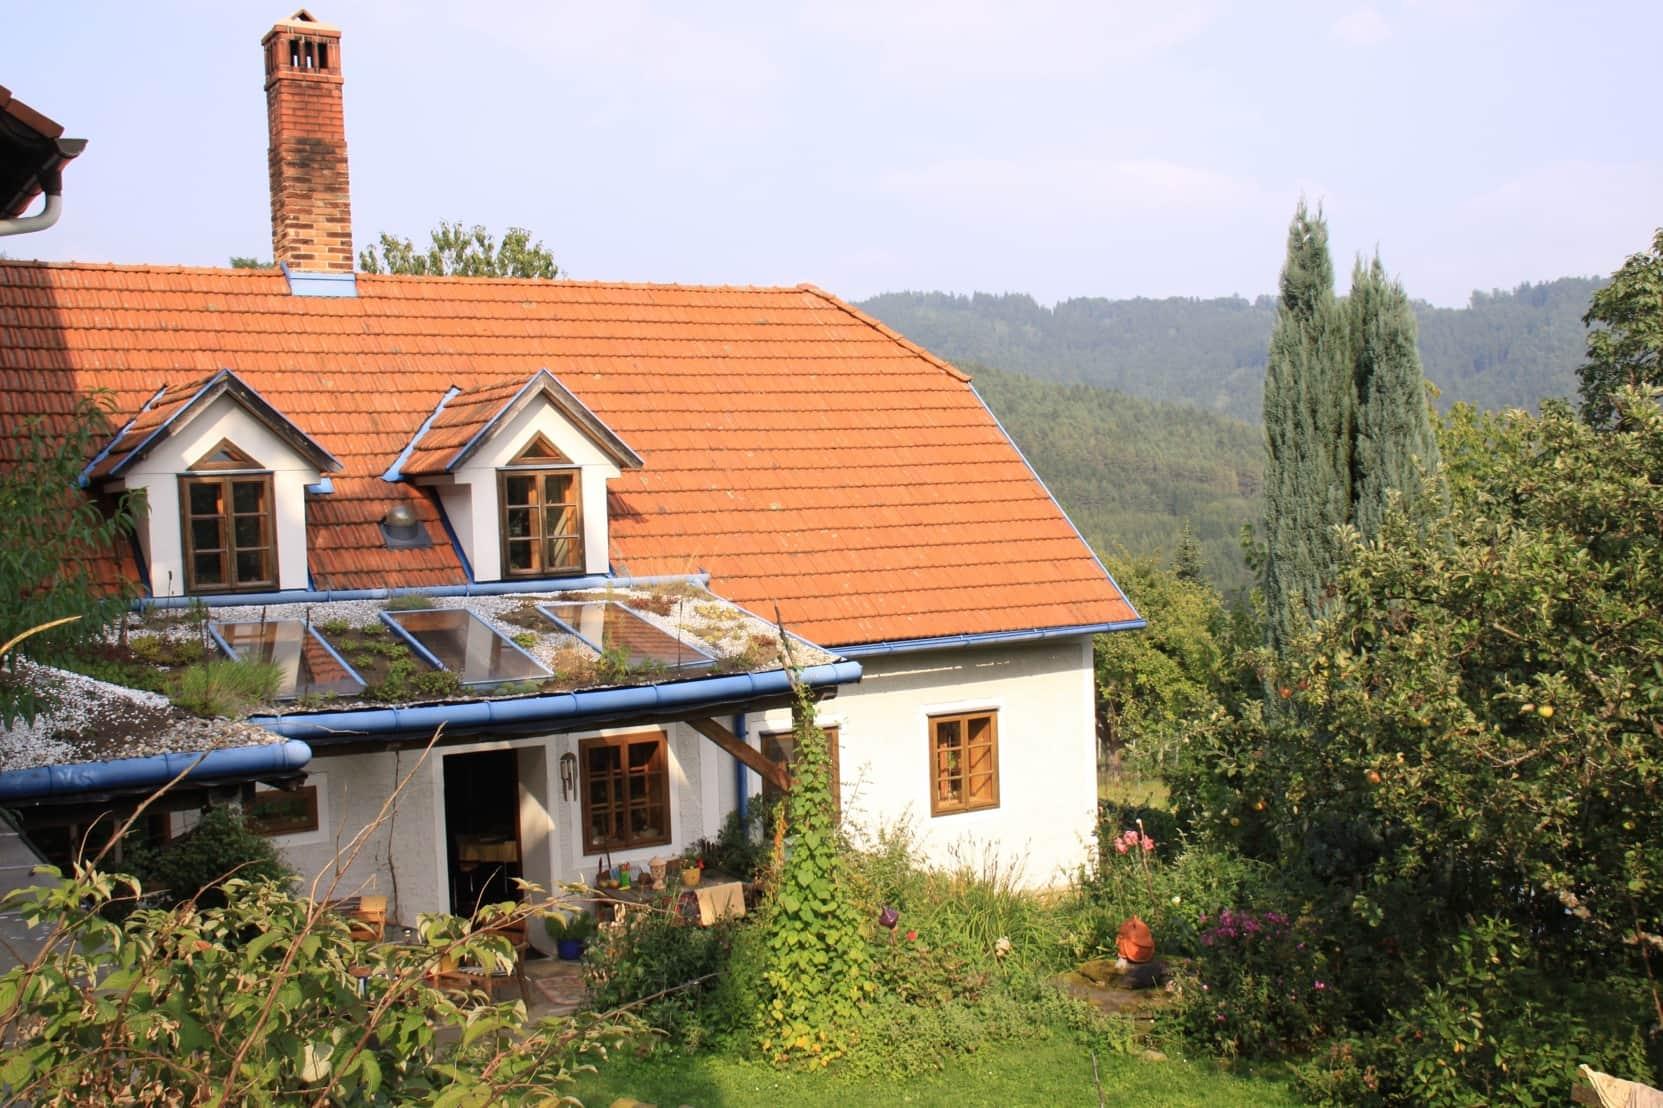 Haus saniert